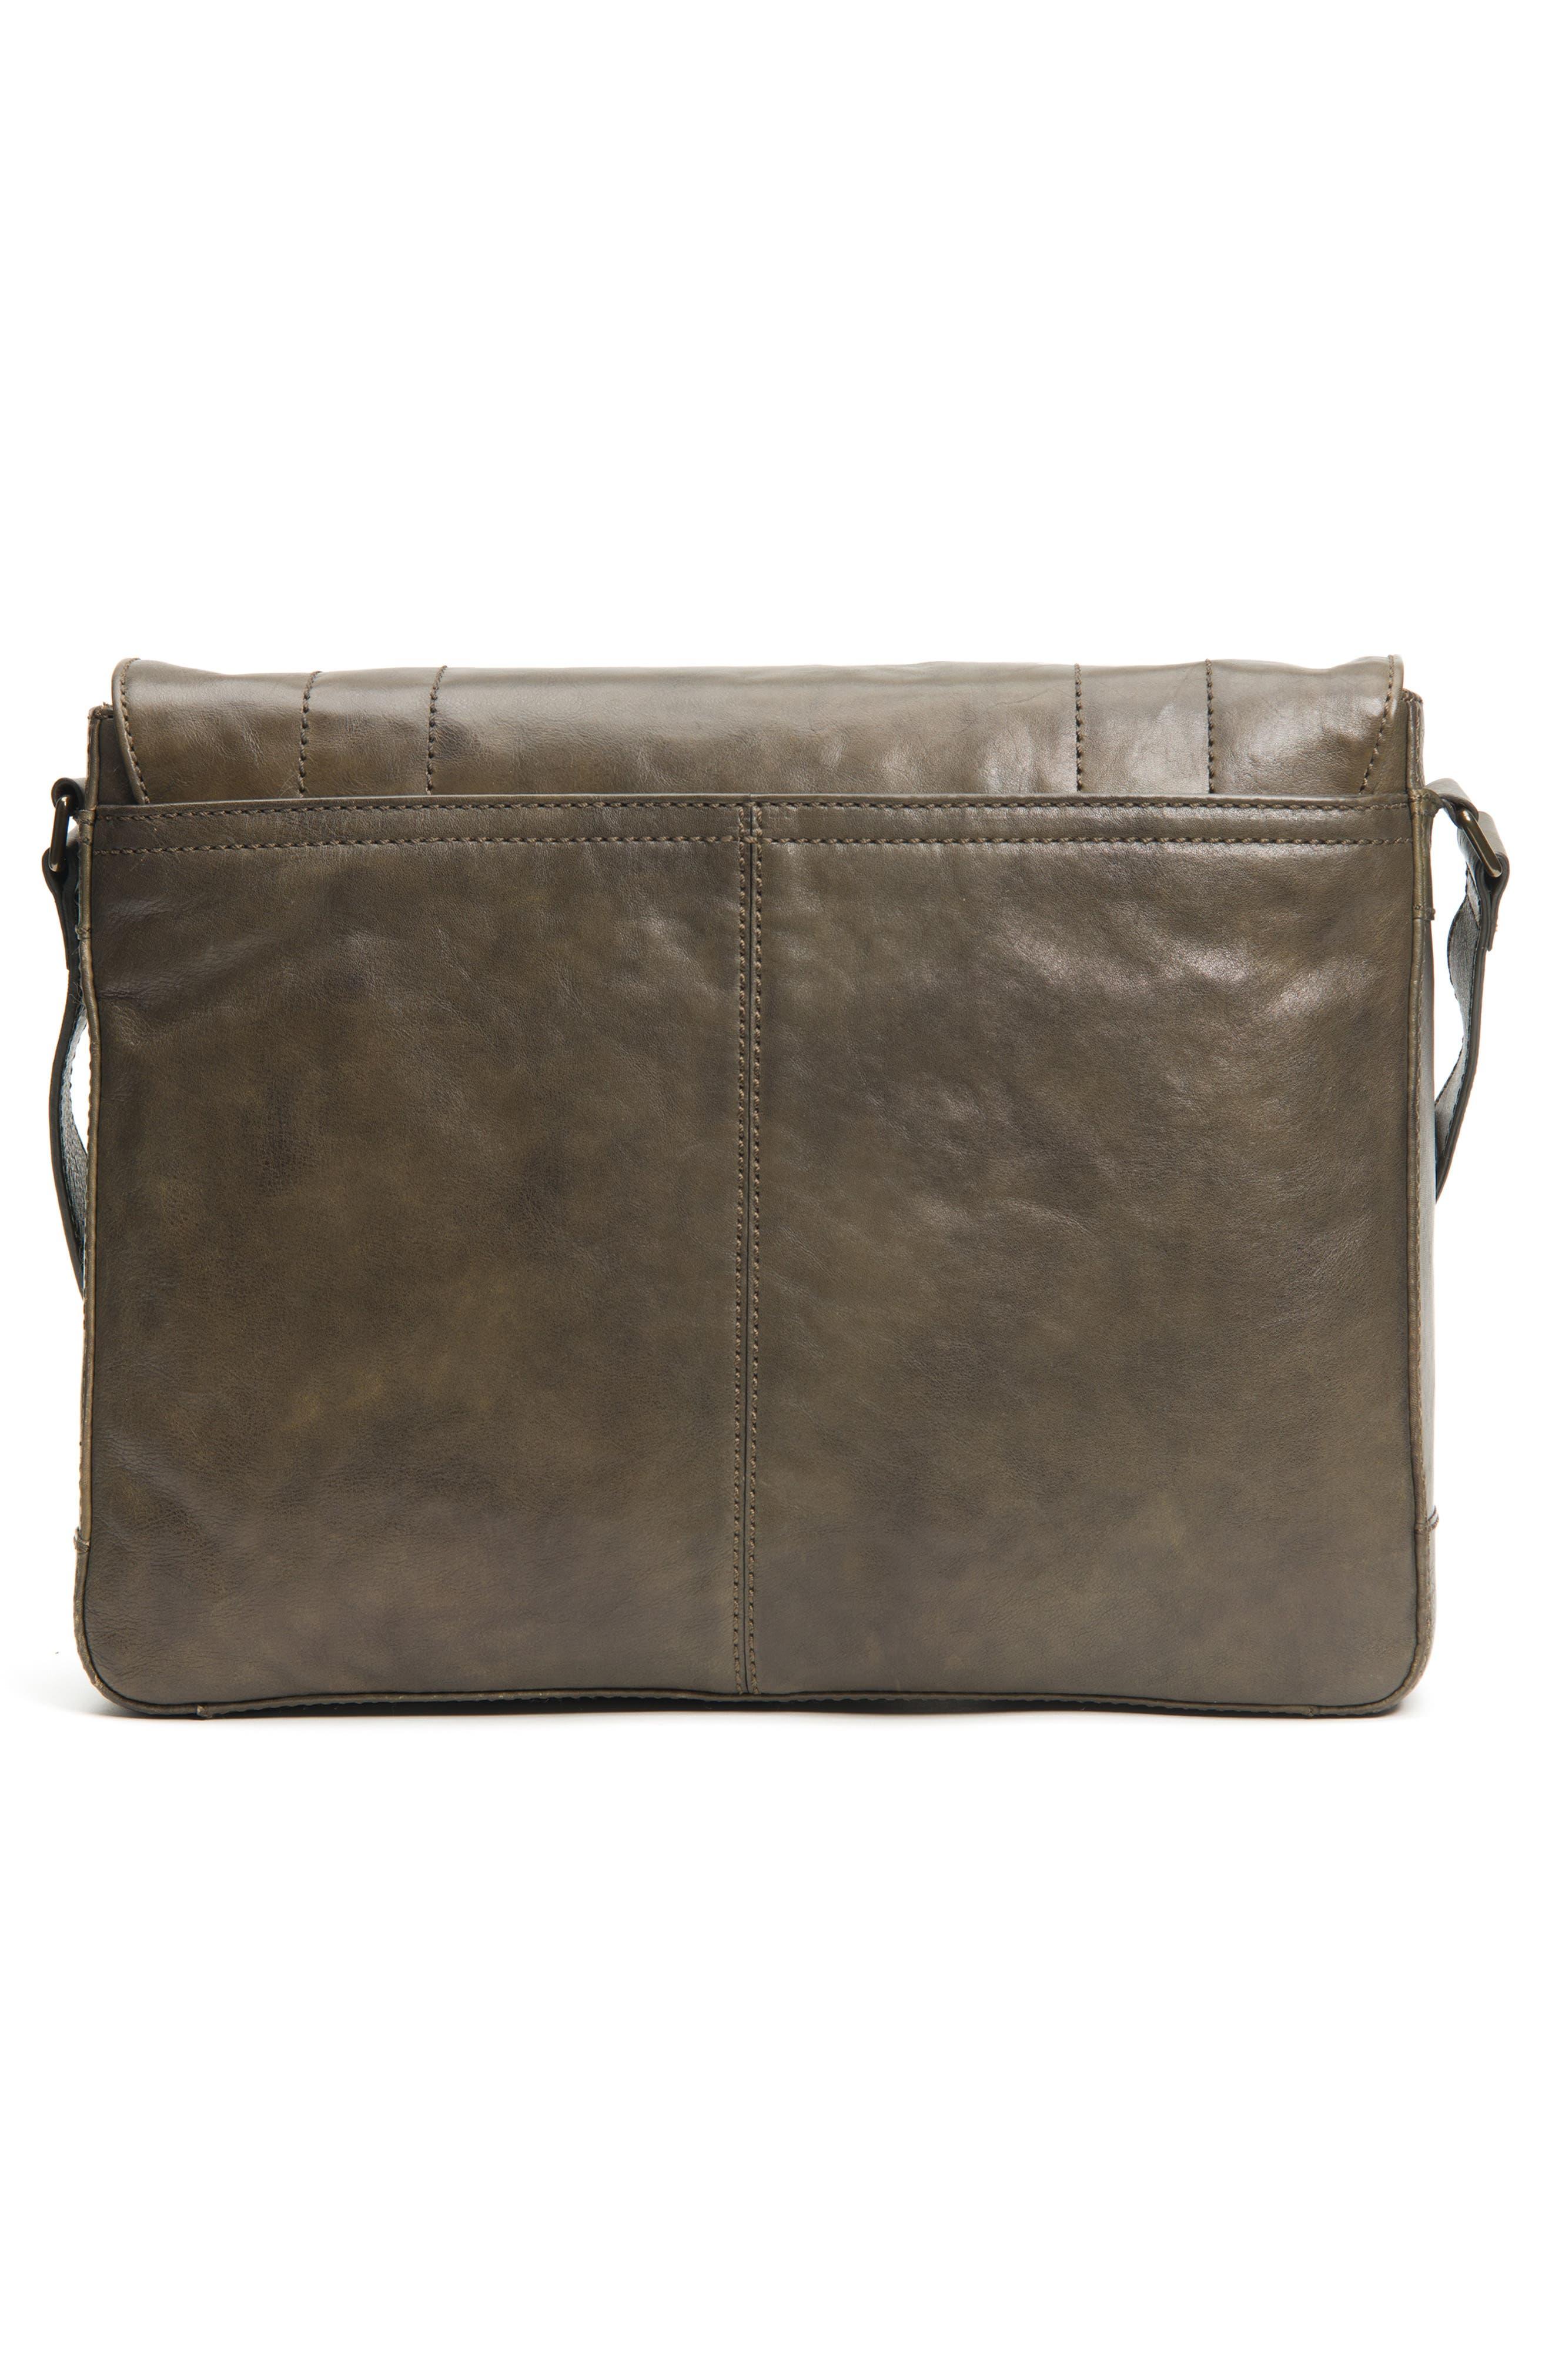 'Oliver' Leather Messenger Bag,                             Alternate thumbnail 3, color,                             311